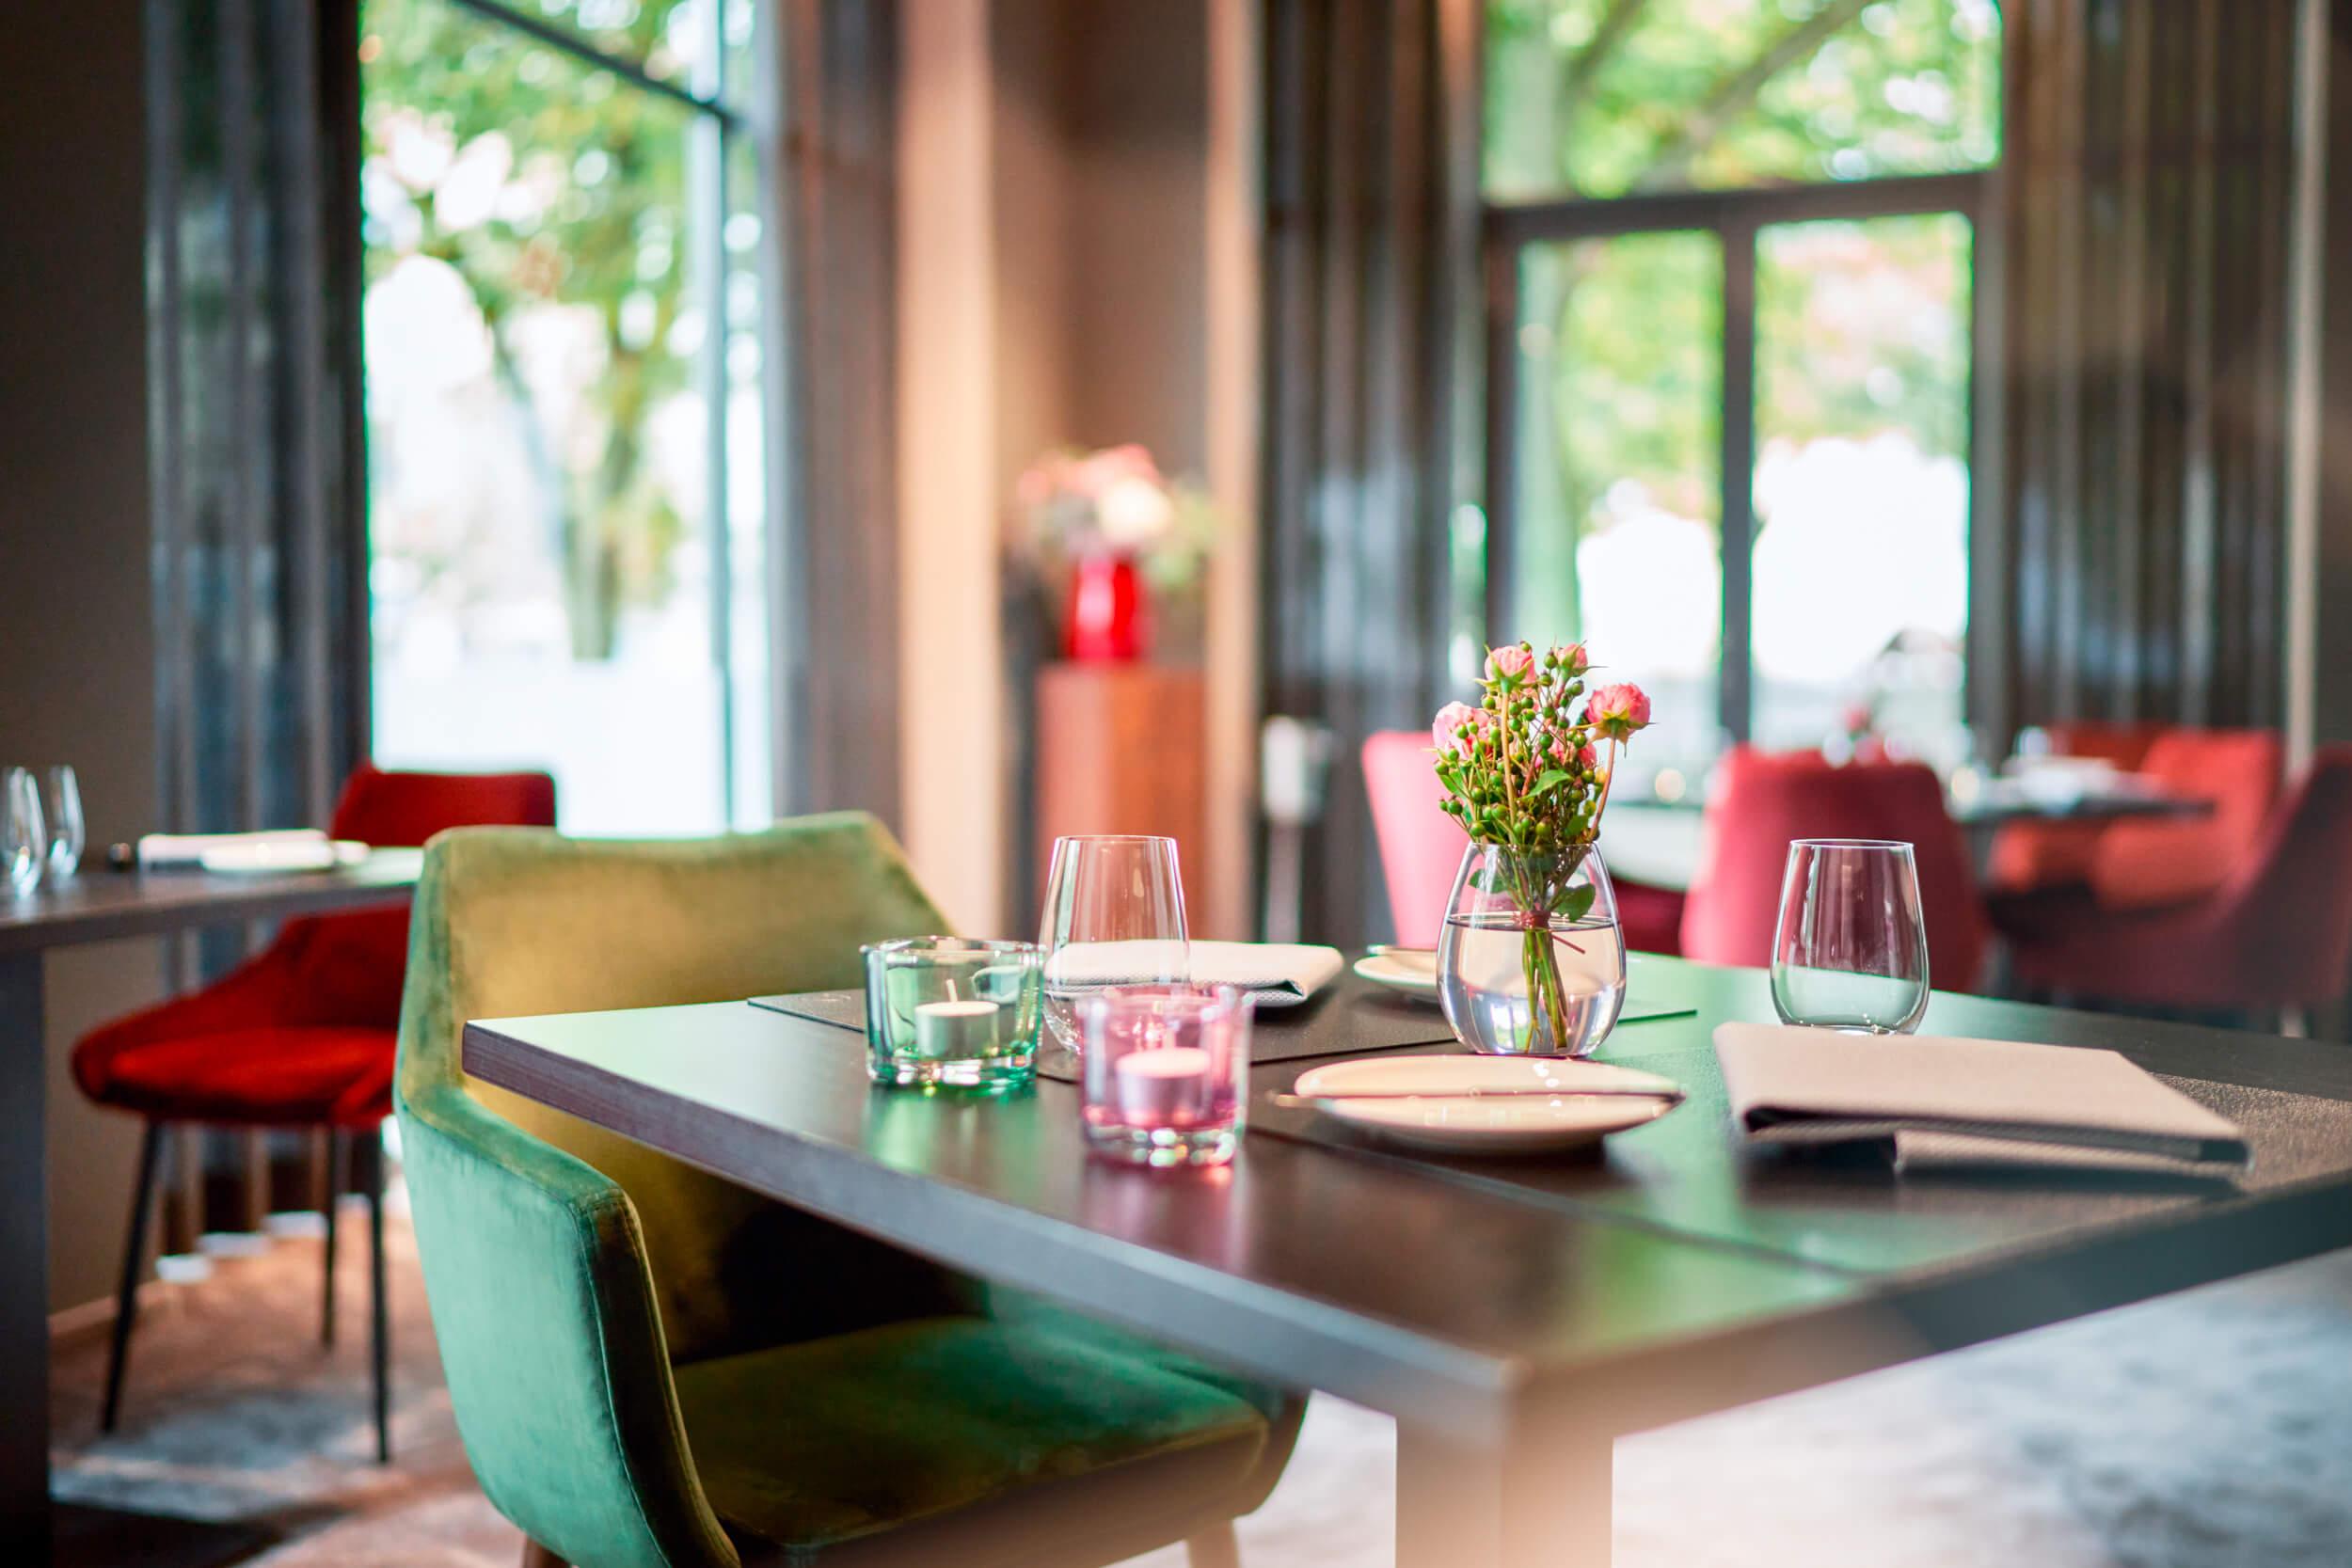 Gourmet-Restaurant ESPLANADE – Tisch. Es zeigt im Vordergrund einen gedeckten Tisch im ESPLANADE Gourmet-Restaurant. Der Hintergrund ist unscharf und weitere Tische sowie grosse Fenster mit einem Ausblick ins Gruene sind darin zu sehen. Die Datei ist ein Foto im JPEG-Format.